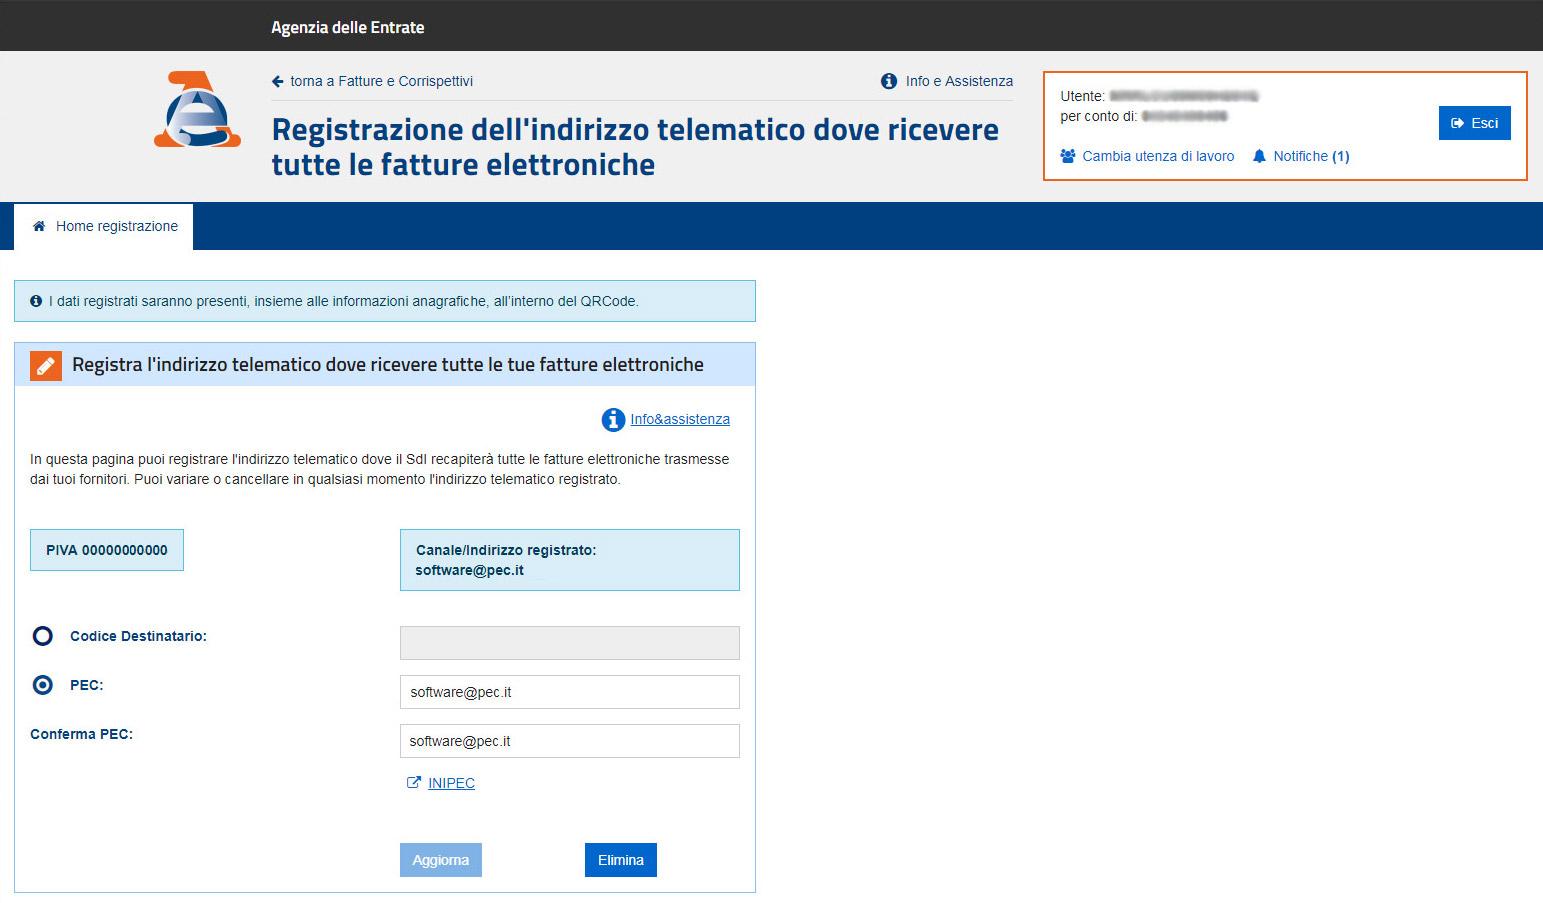 Agenzia Entrate - Registrazione indirizzo telematico